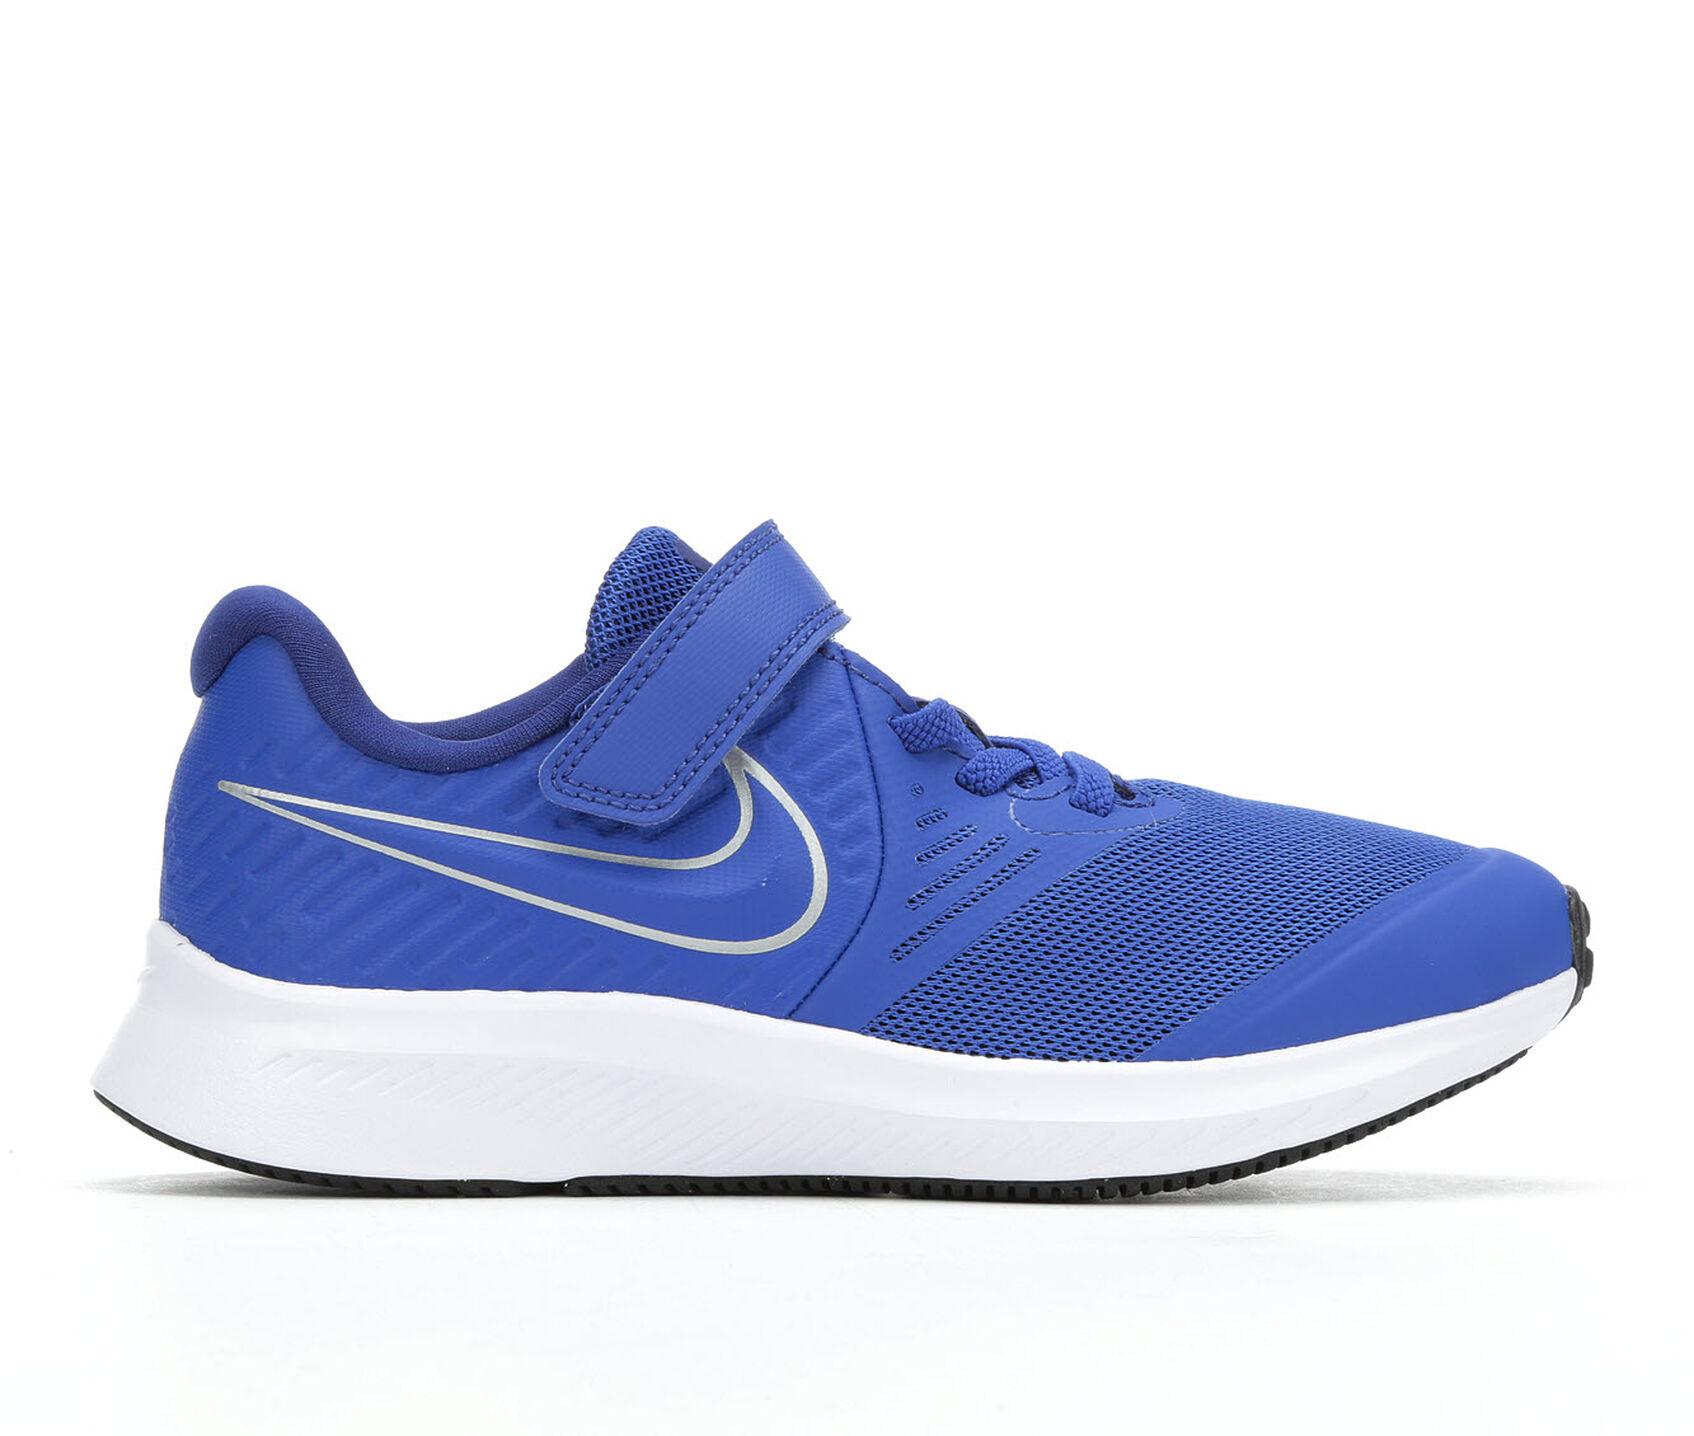 cbd2a4027dc53 Boys' Nike Little Kid Star Runner 2 Running Shoes | Shoe Carnival